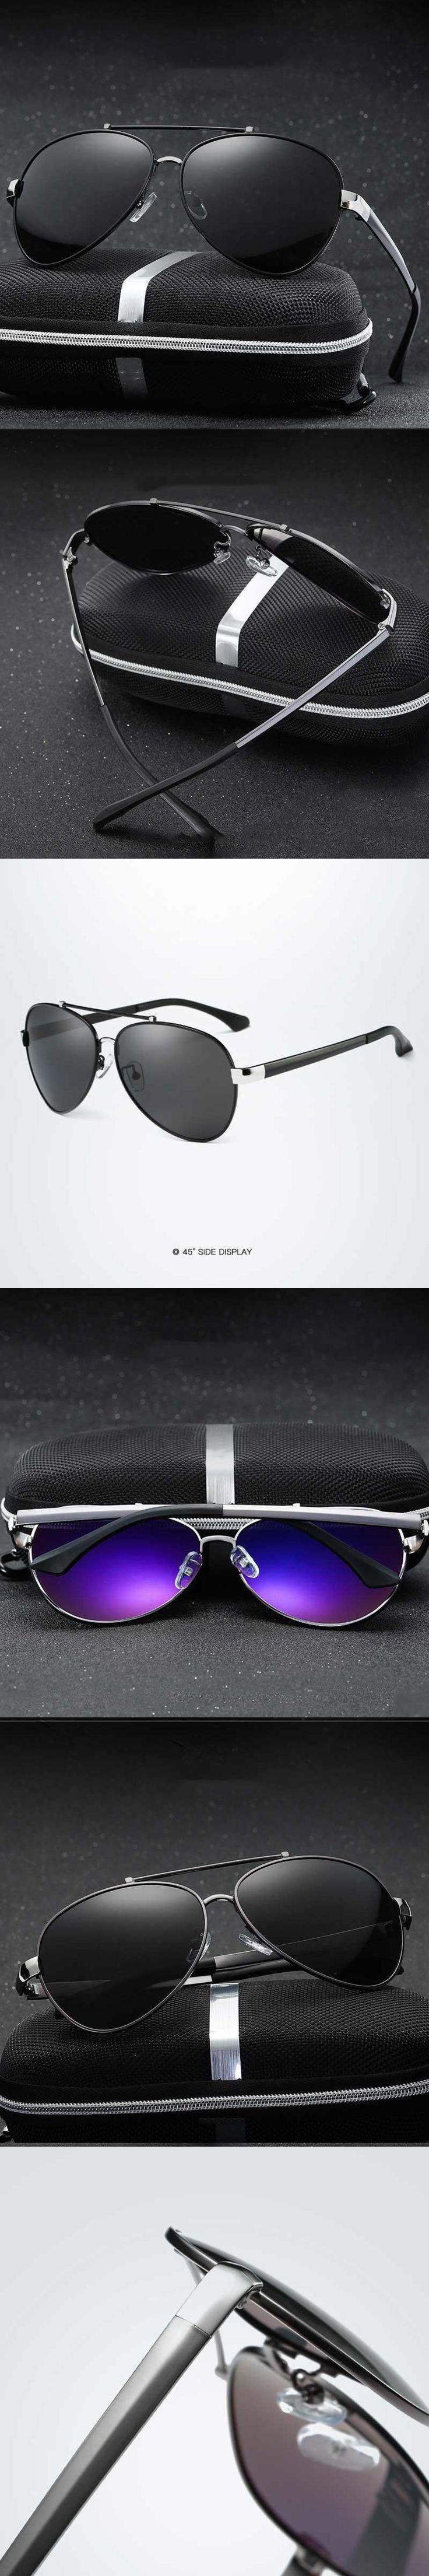 2017 Fashion Men's Polarized Sunglasses Driving Sun Glasses for Men UV400 Travel Driving Male Oculos Gafas De Sol XY8746